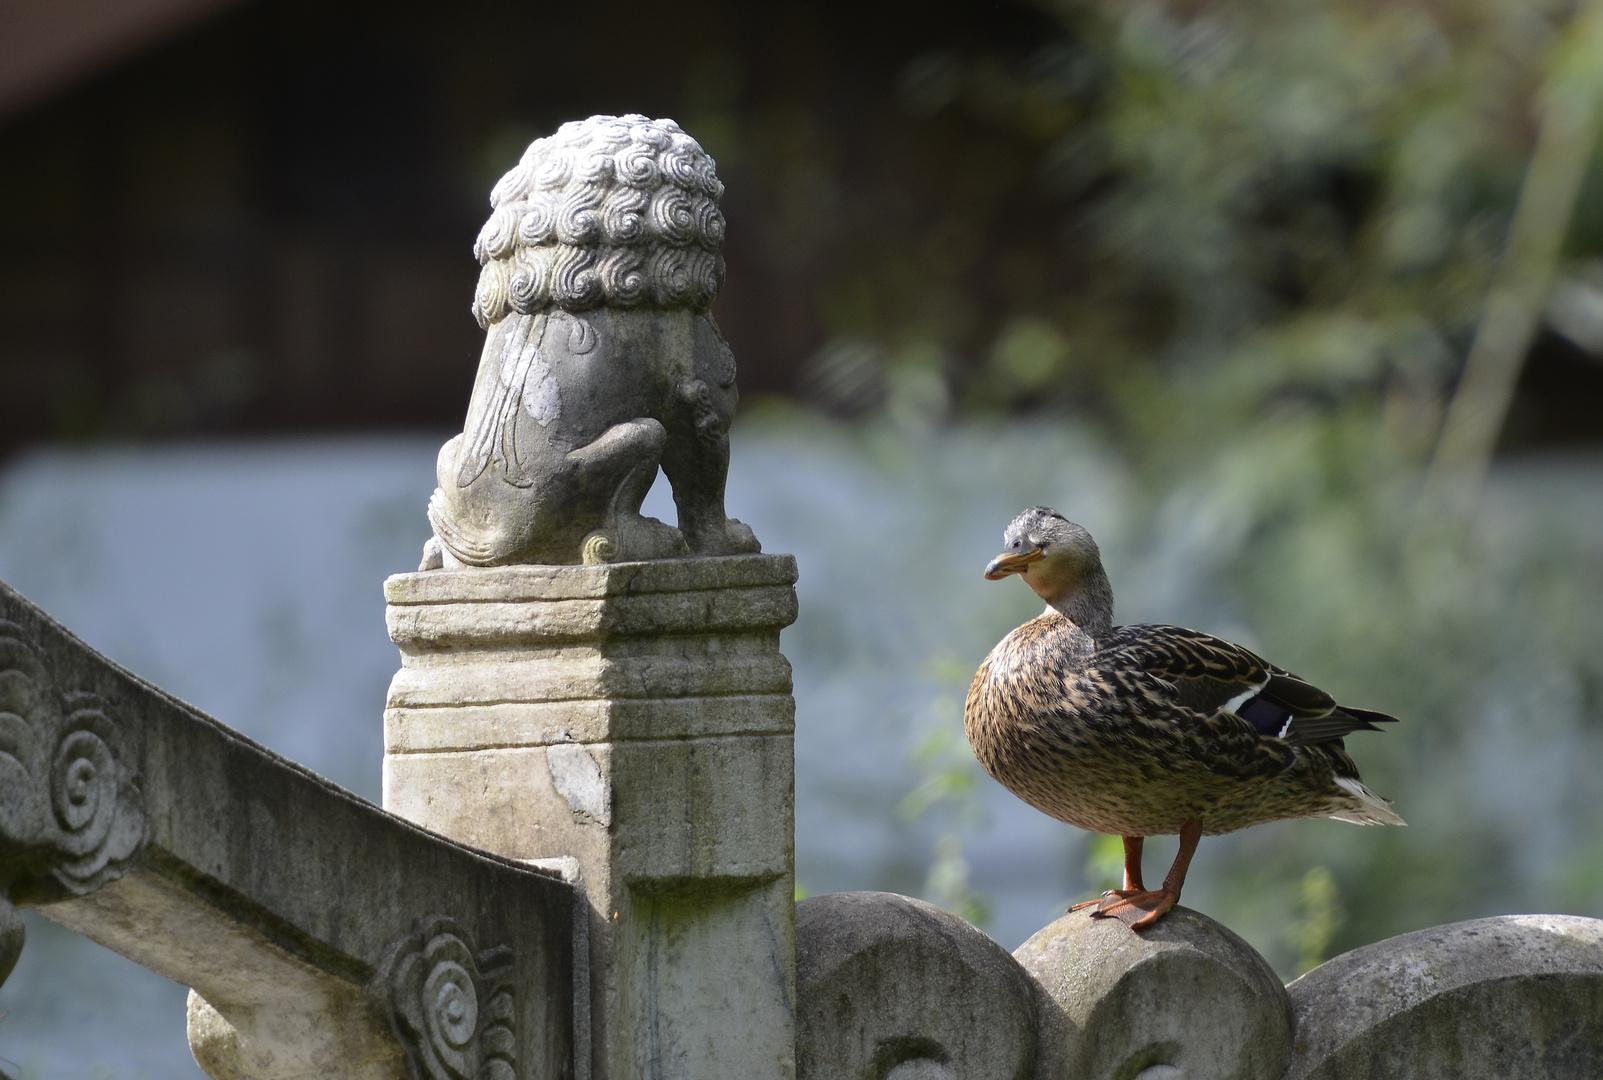 Duck meets